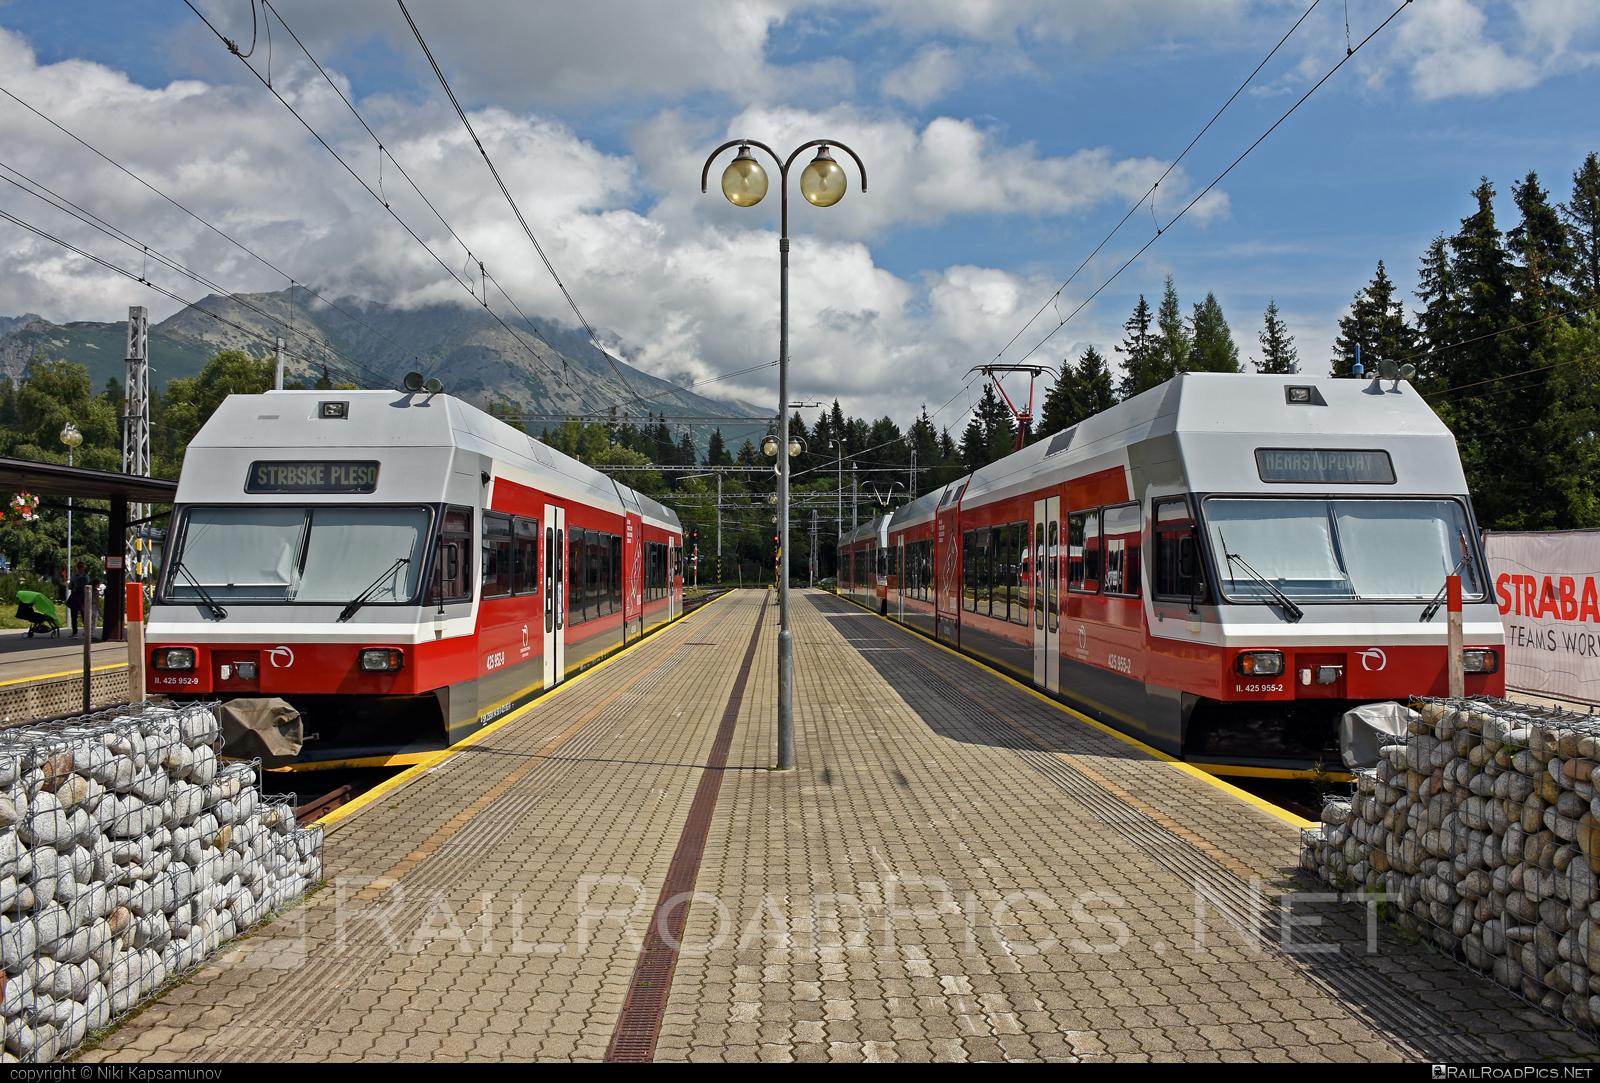 GTW Vysoké Tatry Class 425.95 - 425 952-9 operated by Železničná Spoločnost' Slovensko, a.s. #ZeleznicnaSpolocnostSlovensko #gtw26 #gtwvysoketatry #tetrapack #tez #zssk #zssk425 #zssk42595